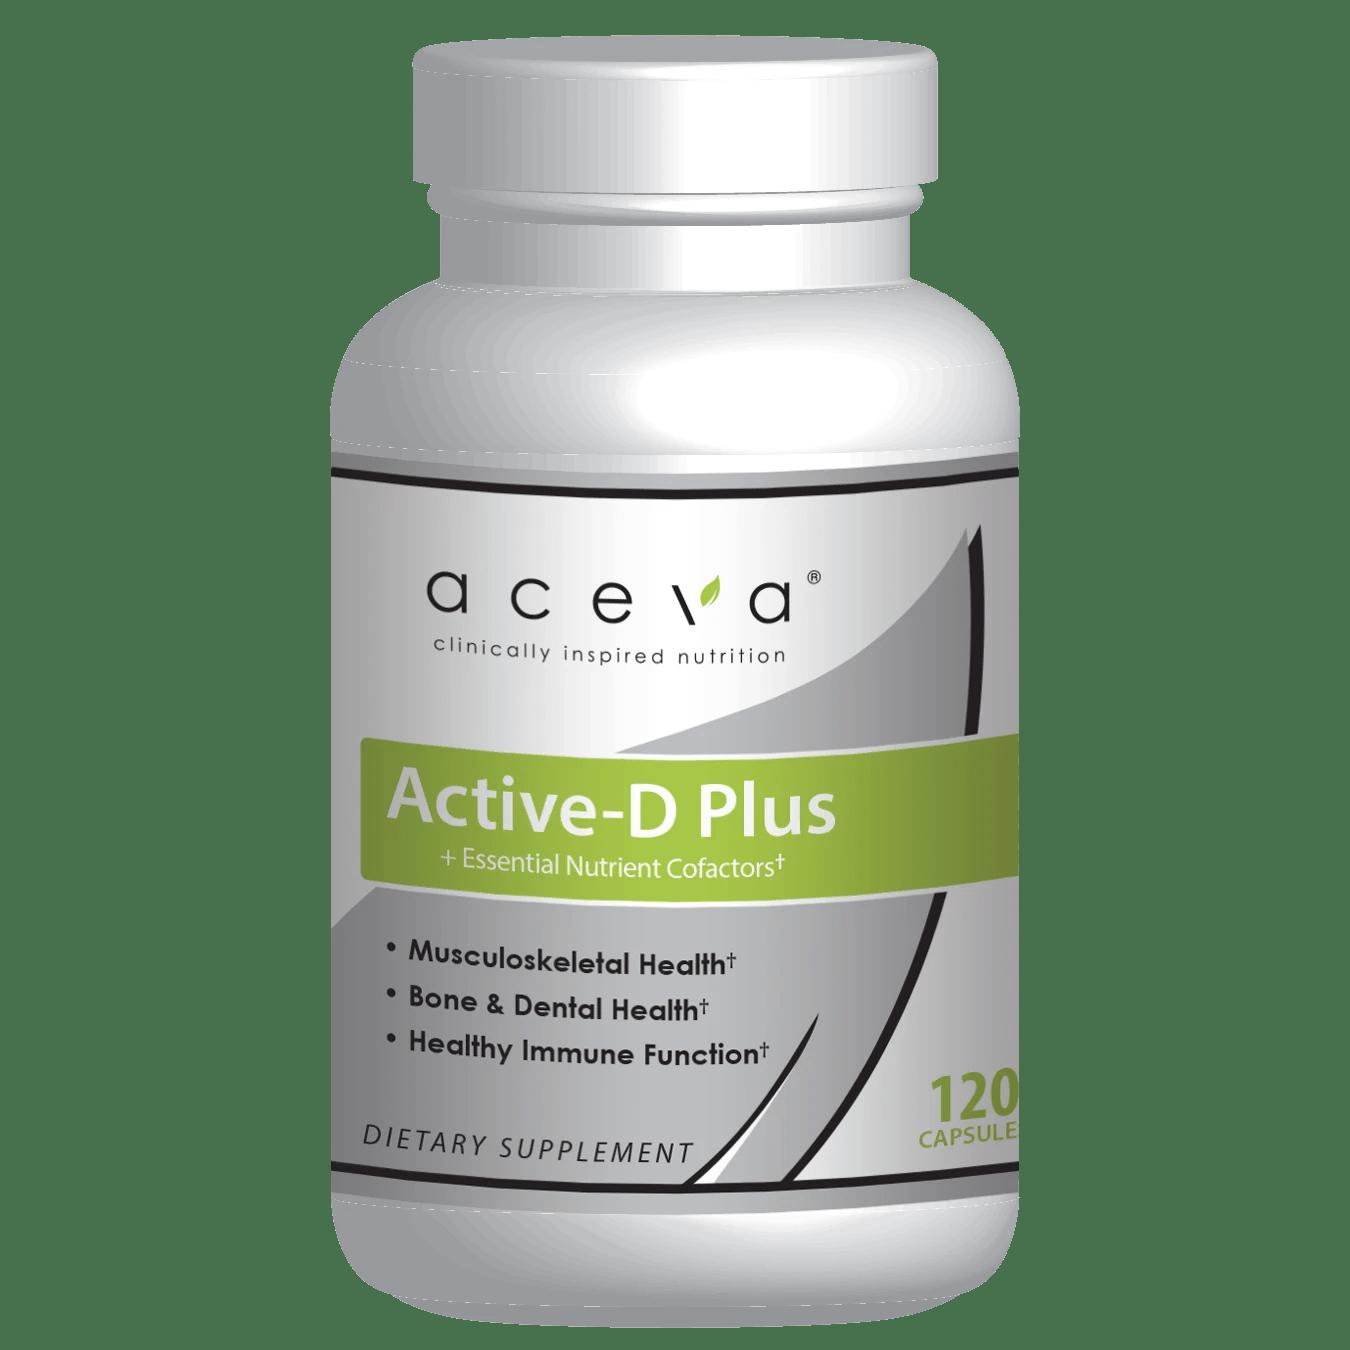 Active D Plus